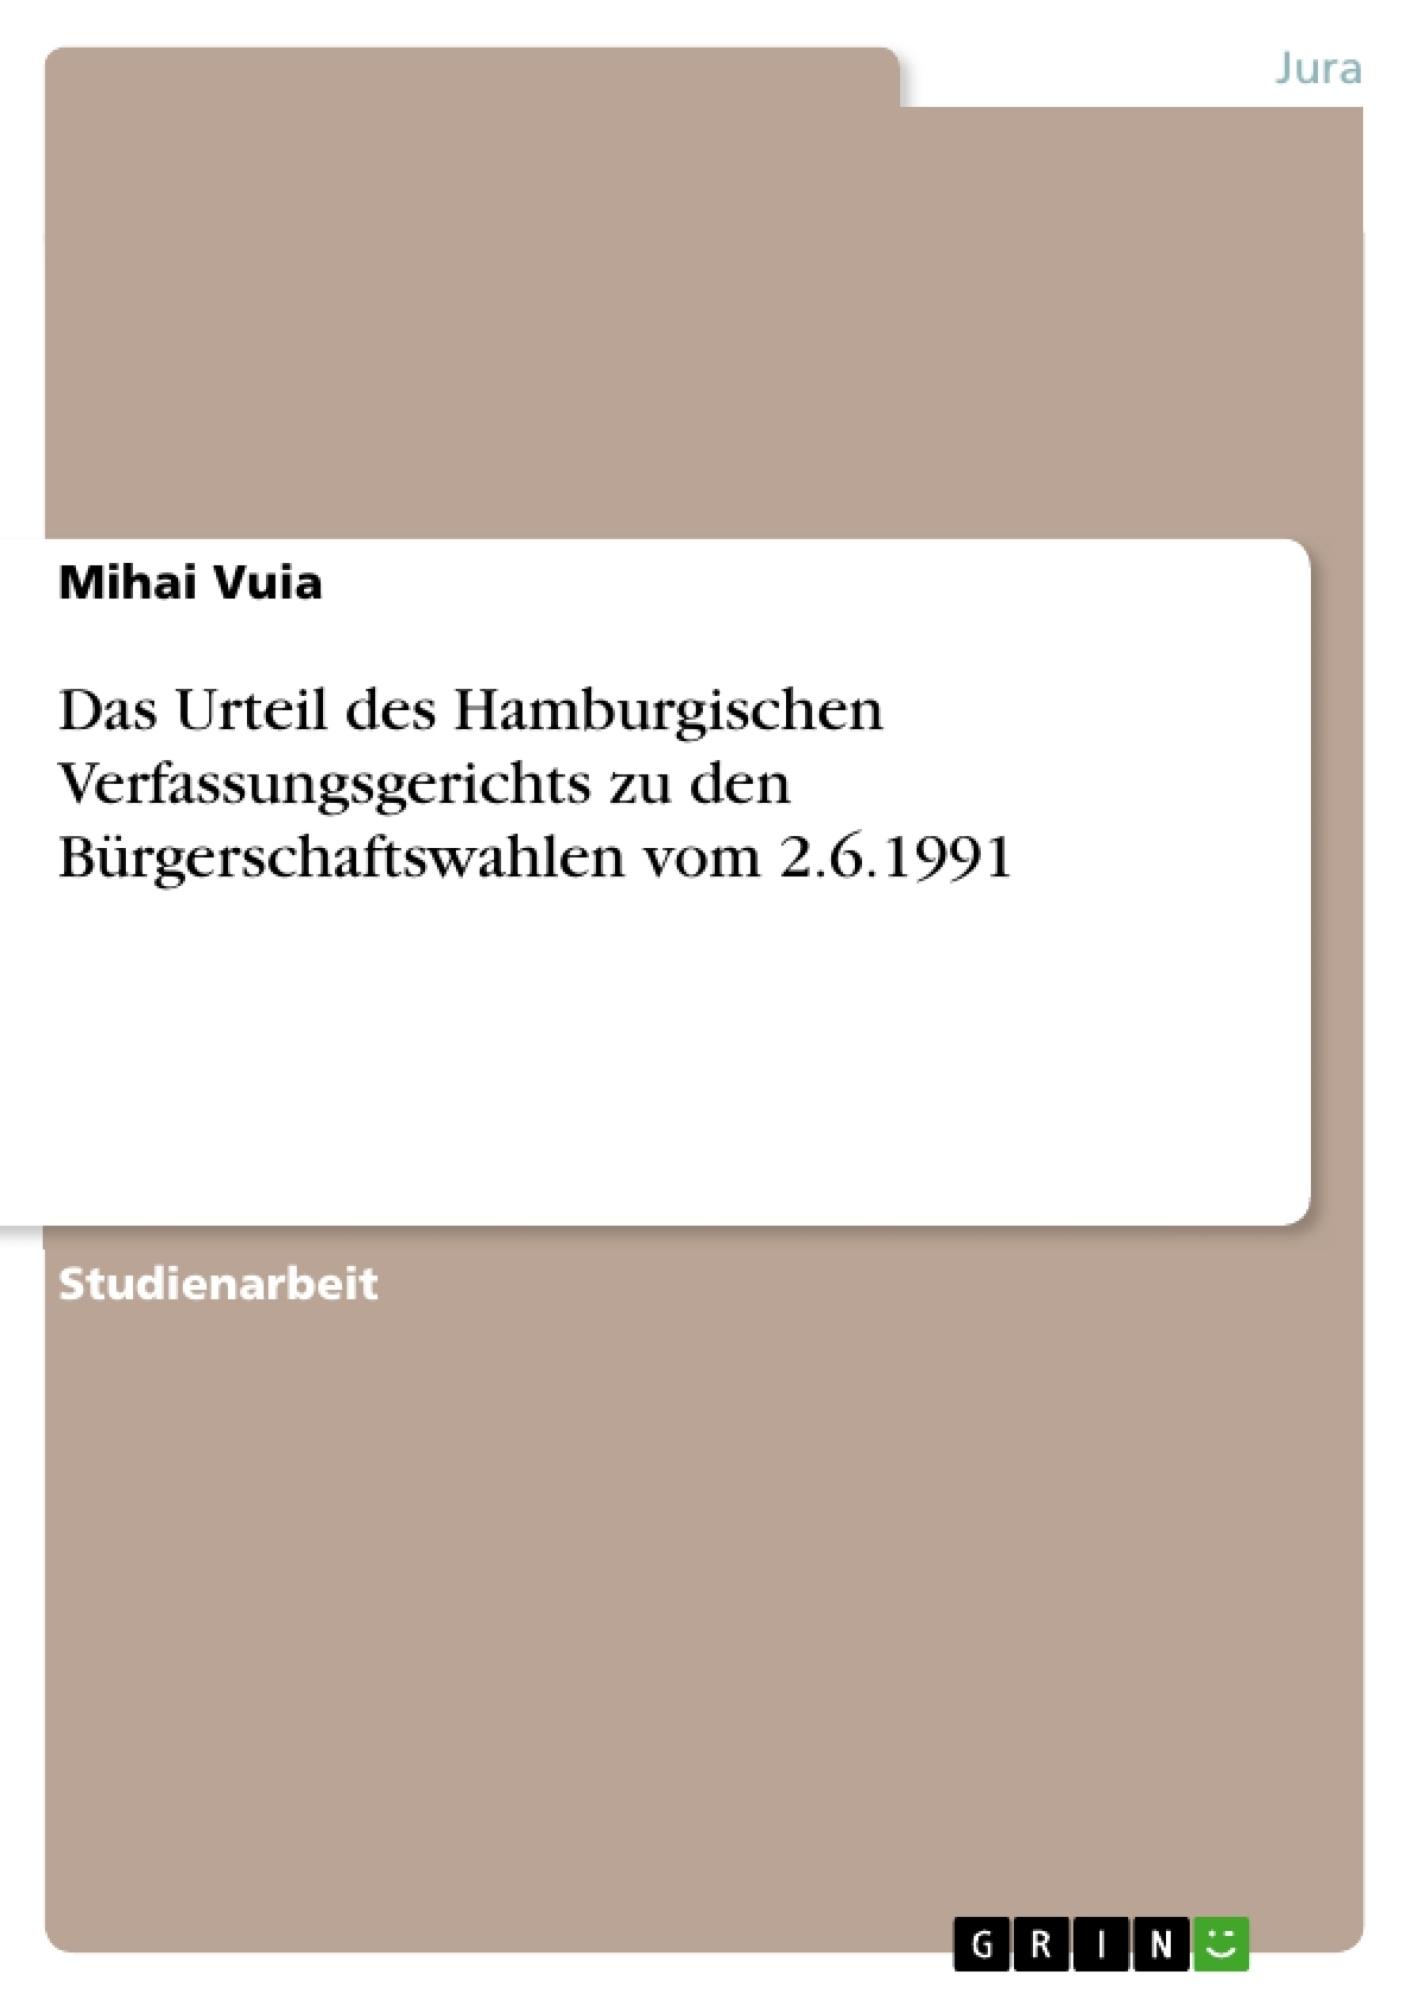 Titel: Das Urteil des Hamburgischen Verfassungsgerichts  zu den Bürgerschaftswahlen vom 2.6.1991